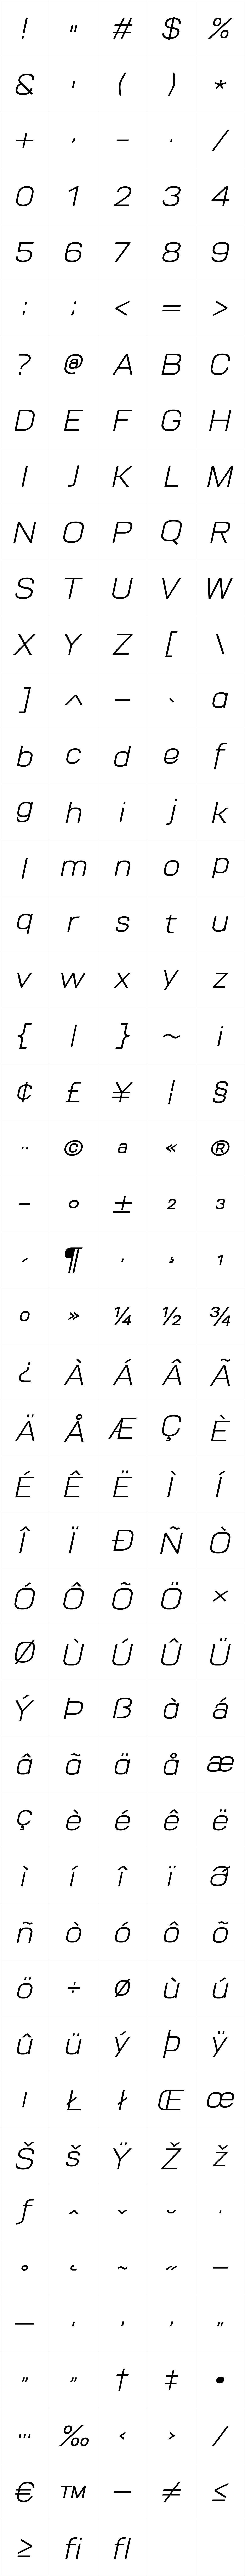 Vitro Italic